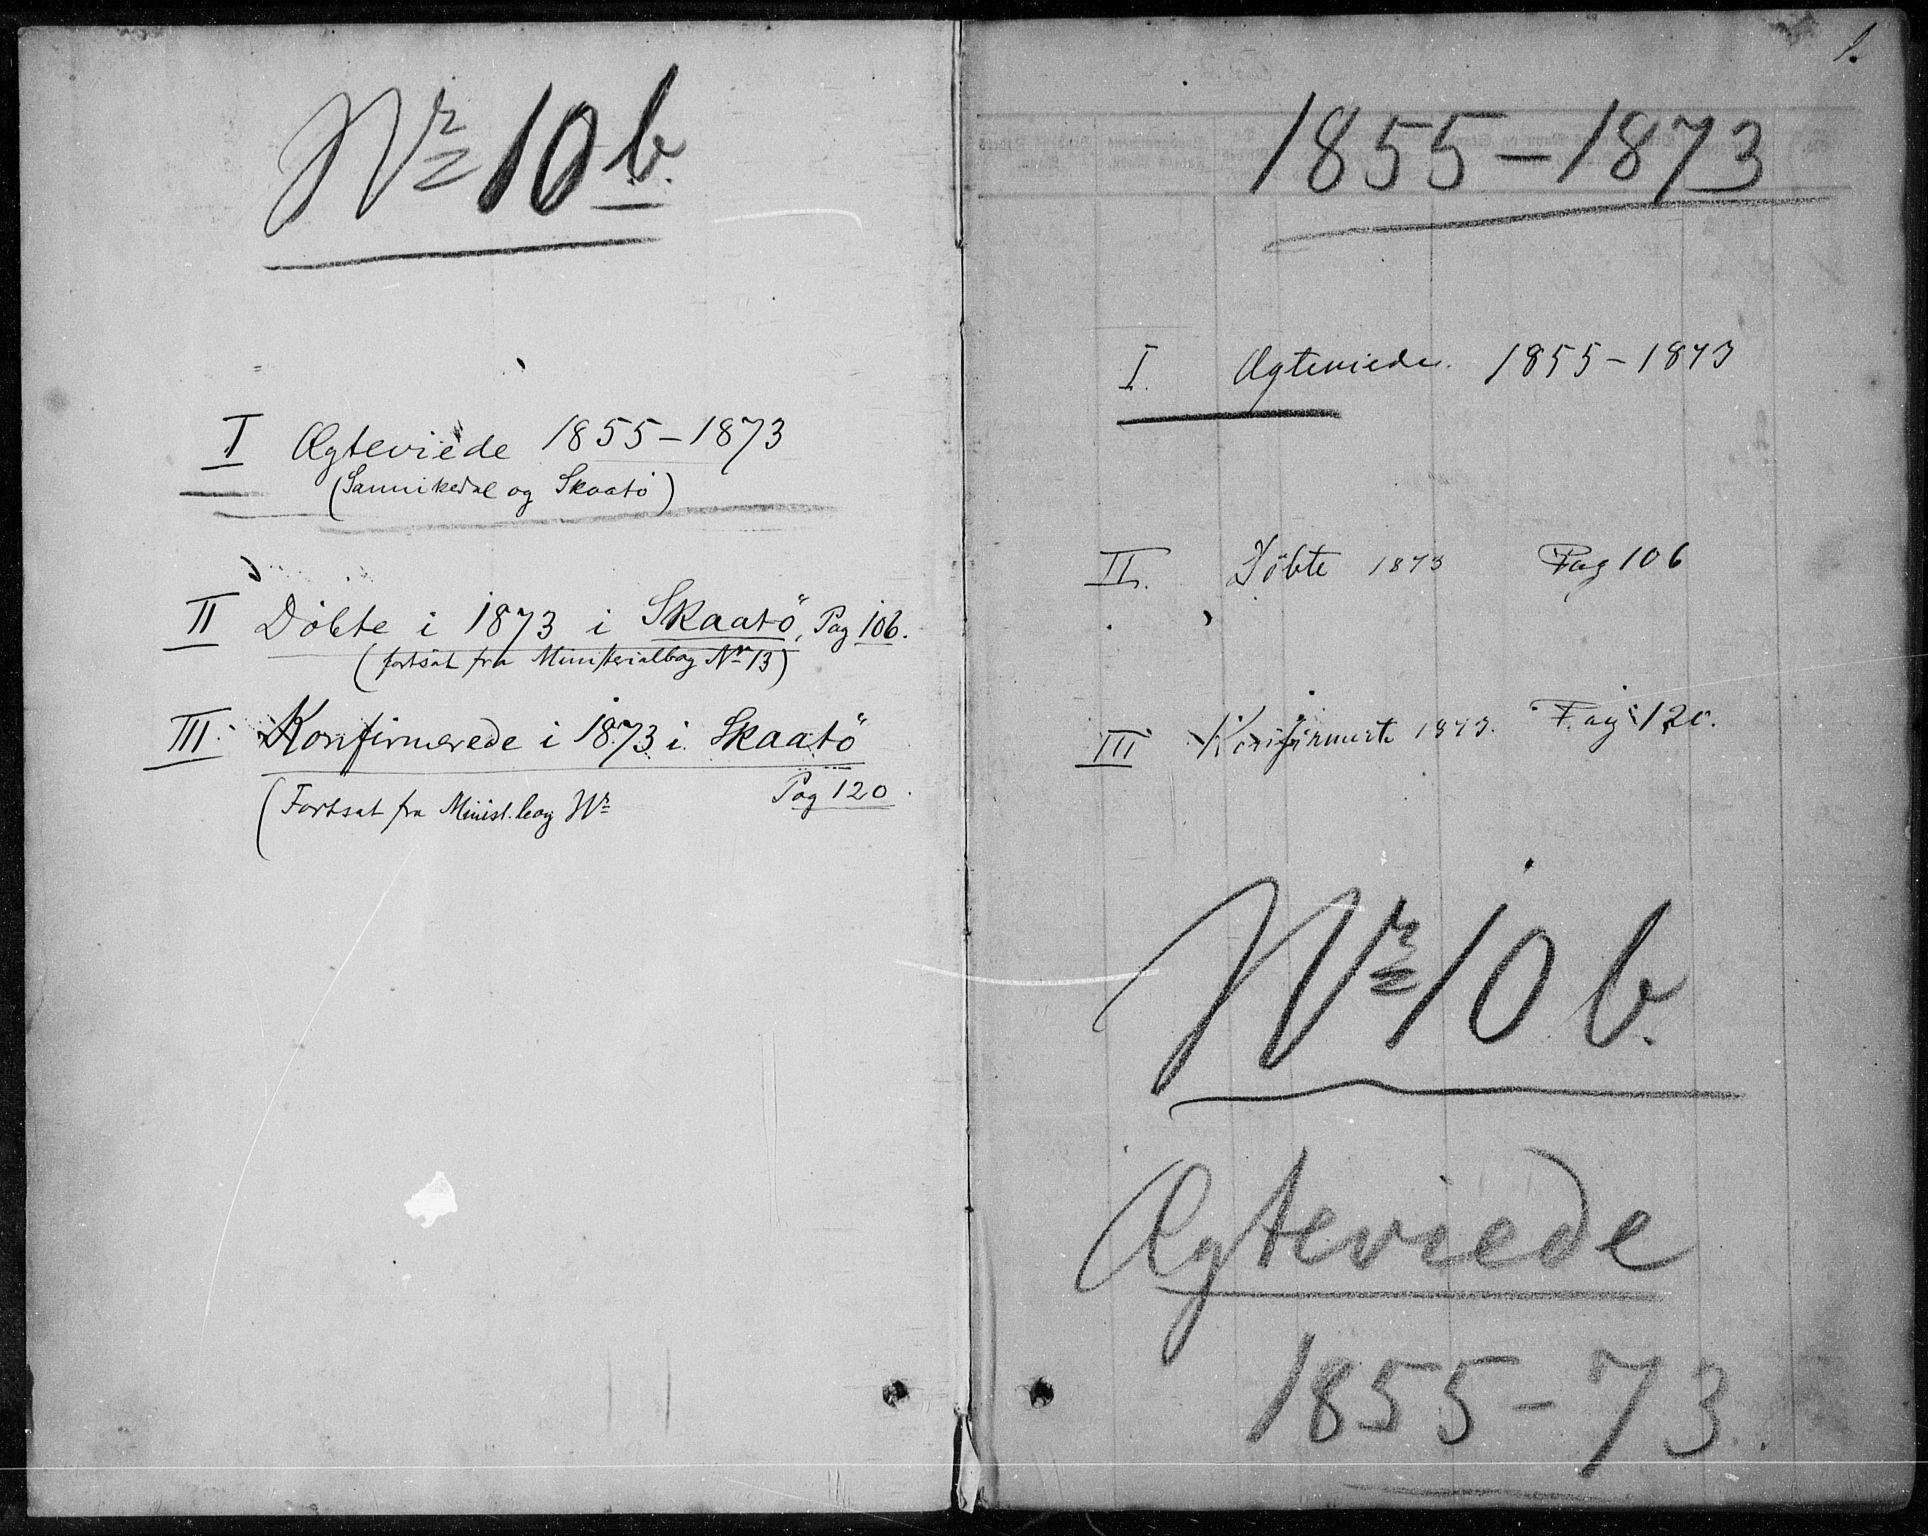 SAKO, Sannidal kirkebøker, F/Fa/L0010: Ministerialbok nr. 10, 1855-1873, s. 1